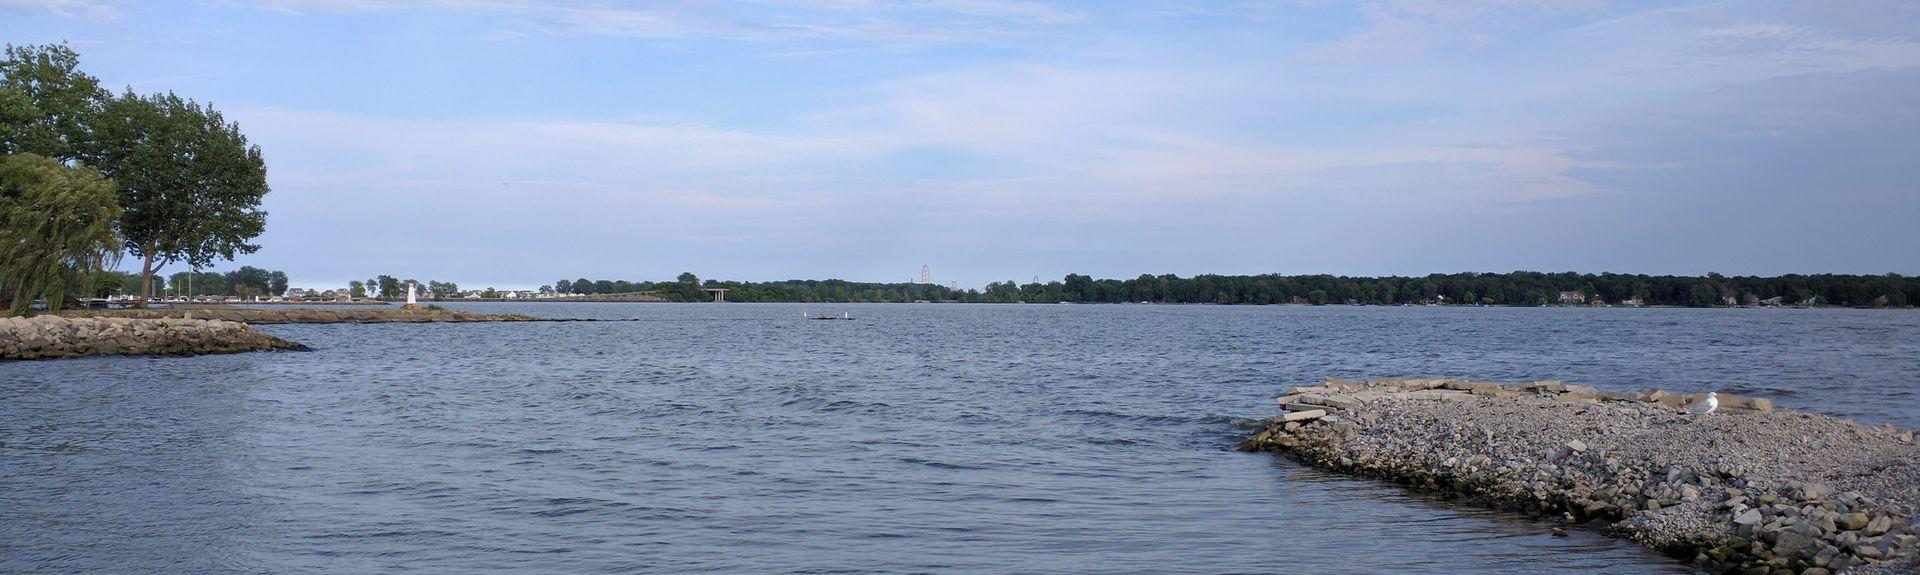 Lakeside, Marblehead, Ohio, États-Unis d'Amérique